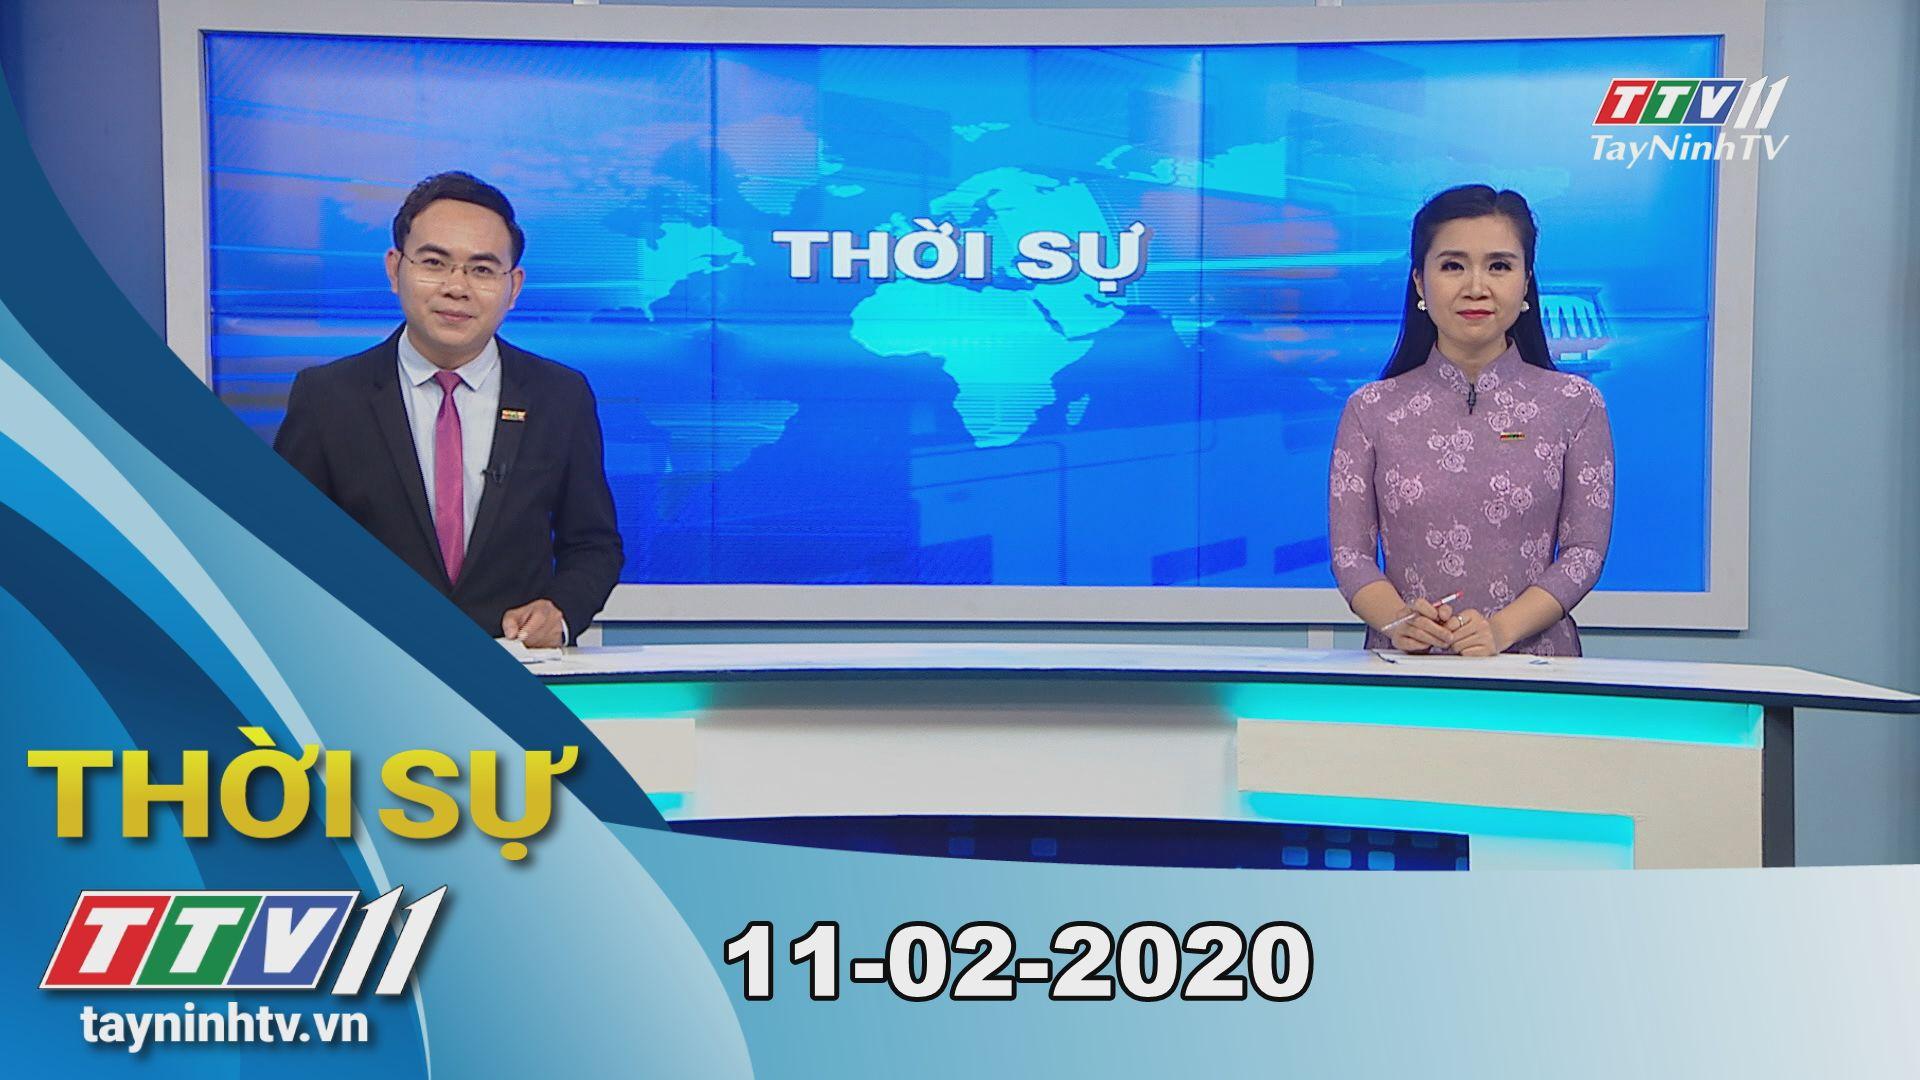 Thời sự Tây Ninh 11-02-2020 | Tin tức hôm nay | TayNinhTV